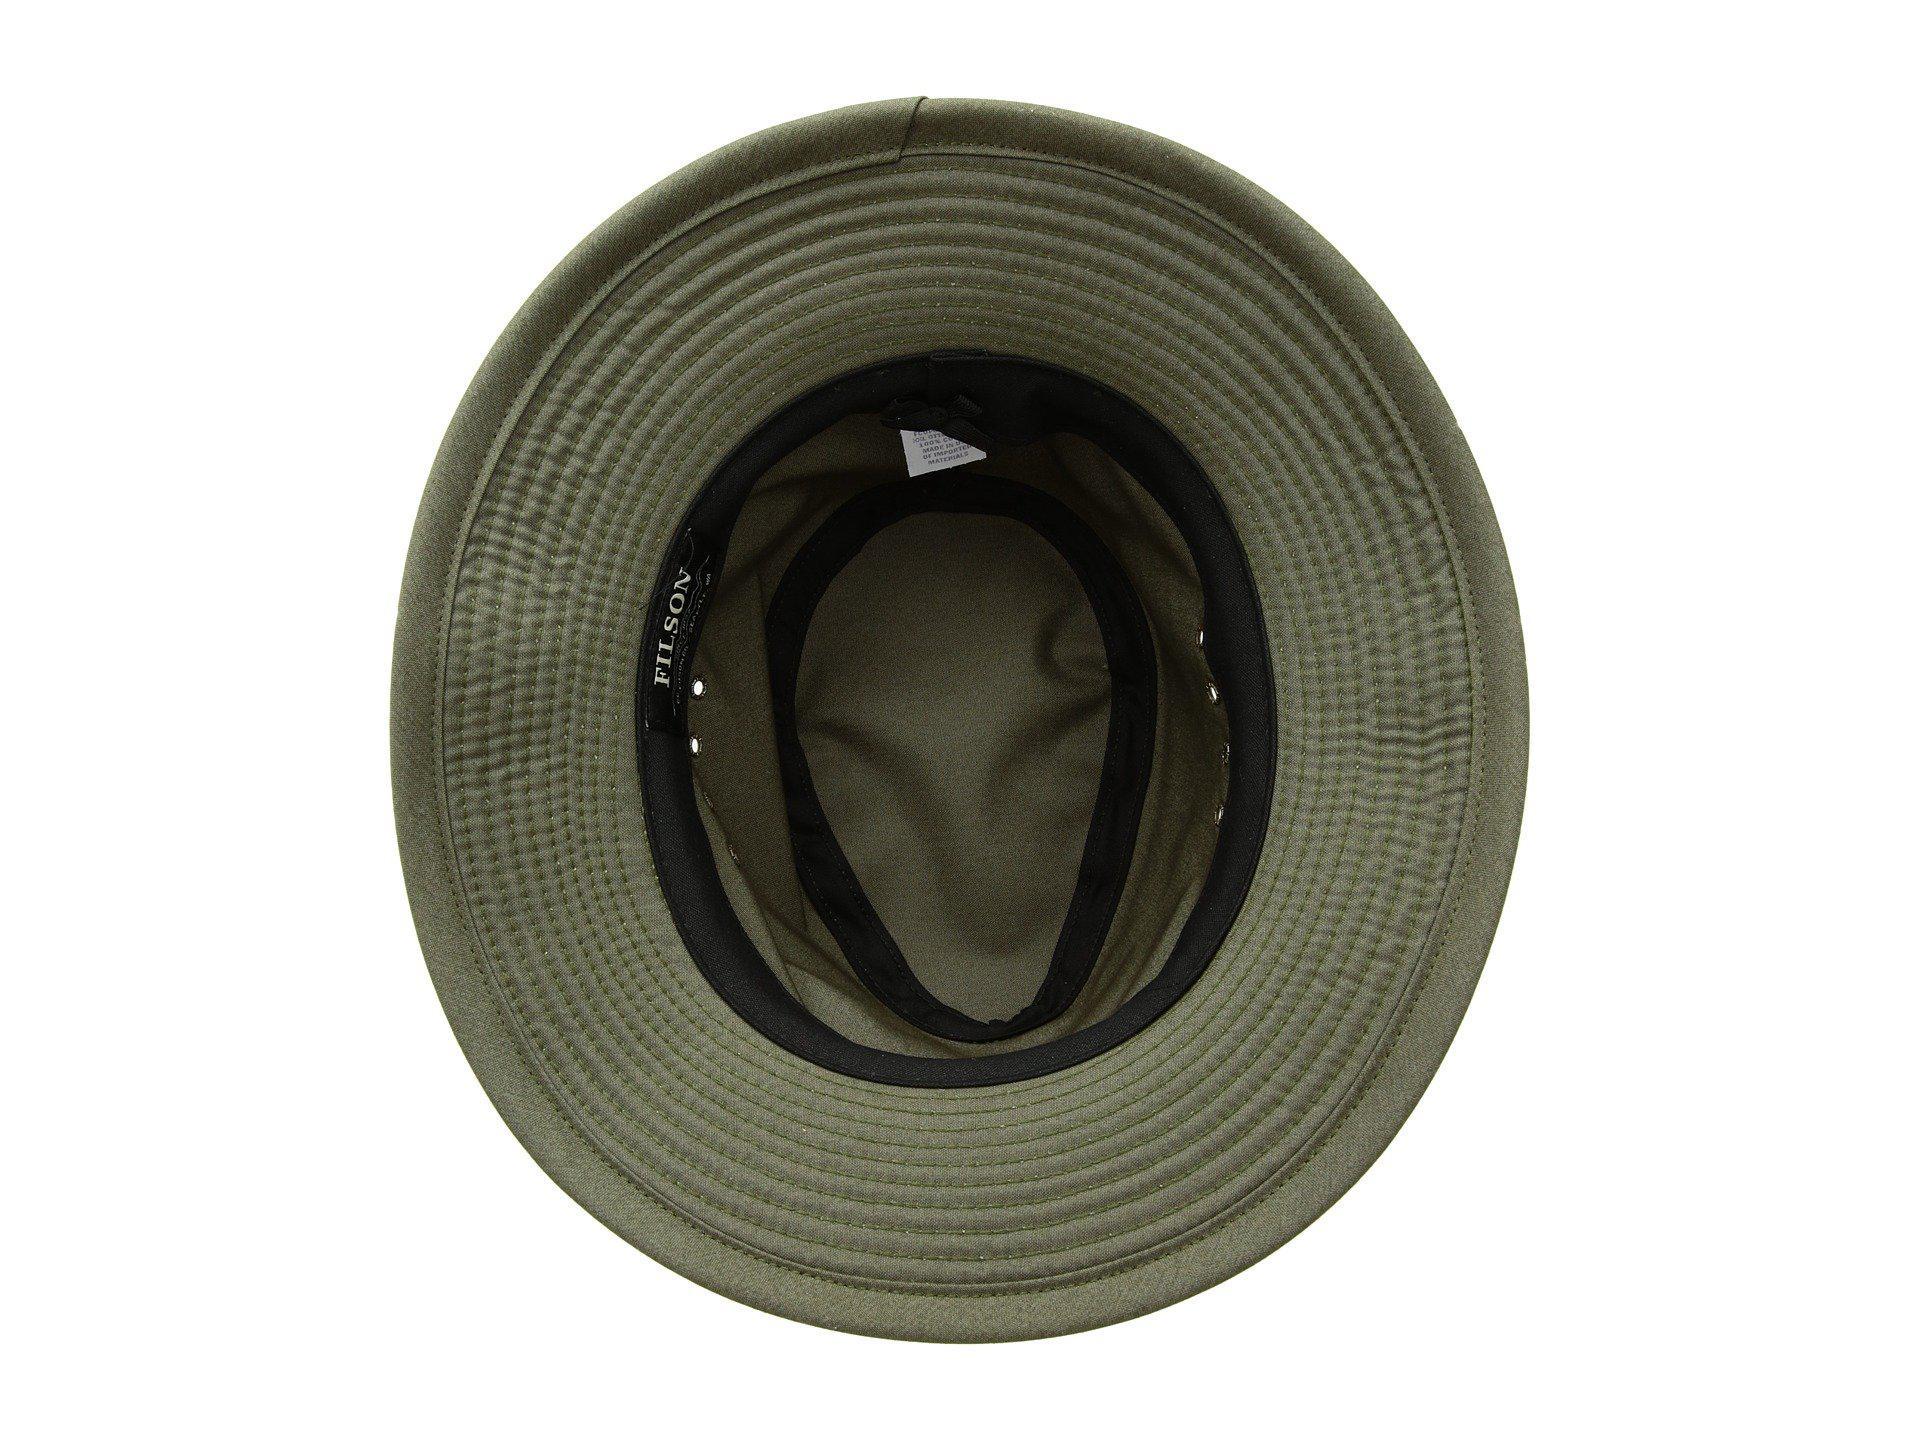 Lyst - Filson Summer Packer Hat (otter Green) Caps in Green for Men 57567ed4d99